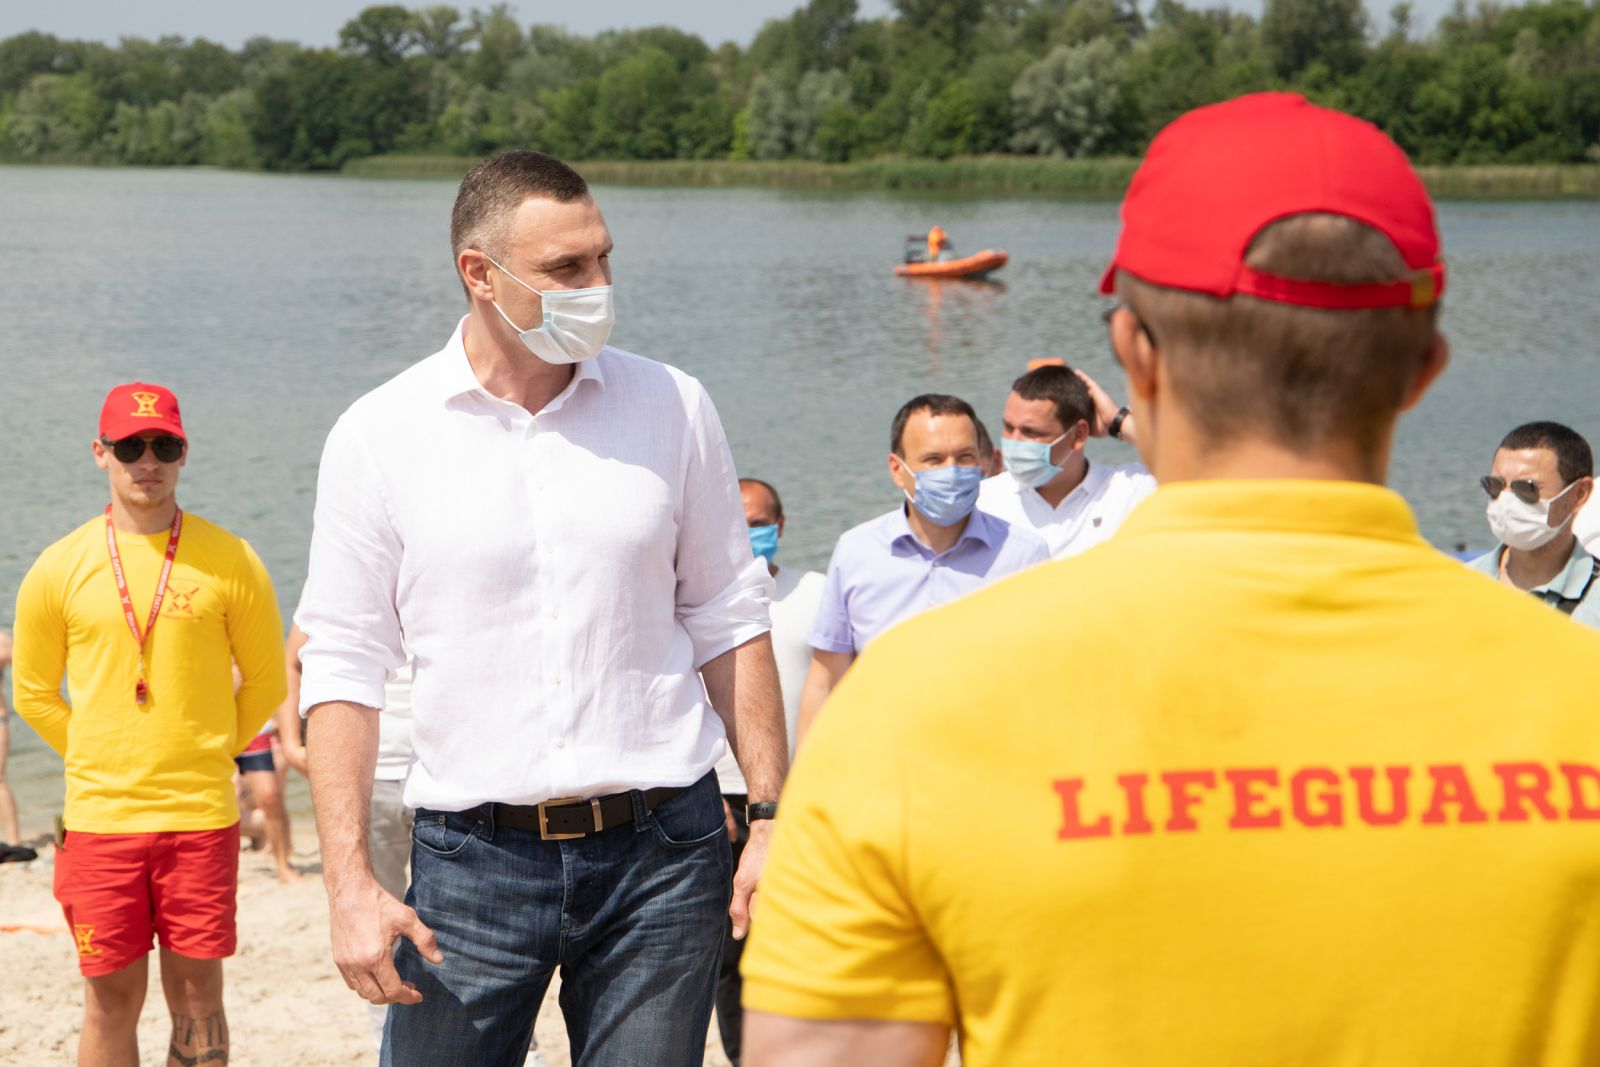 Пока только загорать: Кличко не рекомендует купаться на пляжах Киева